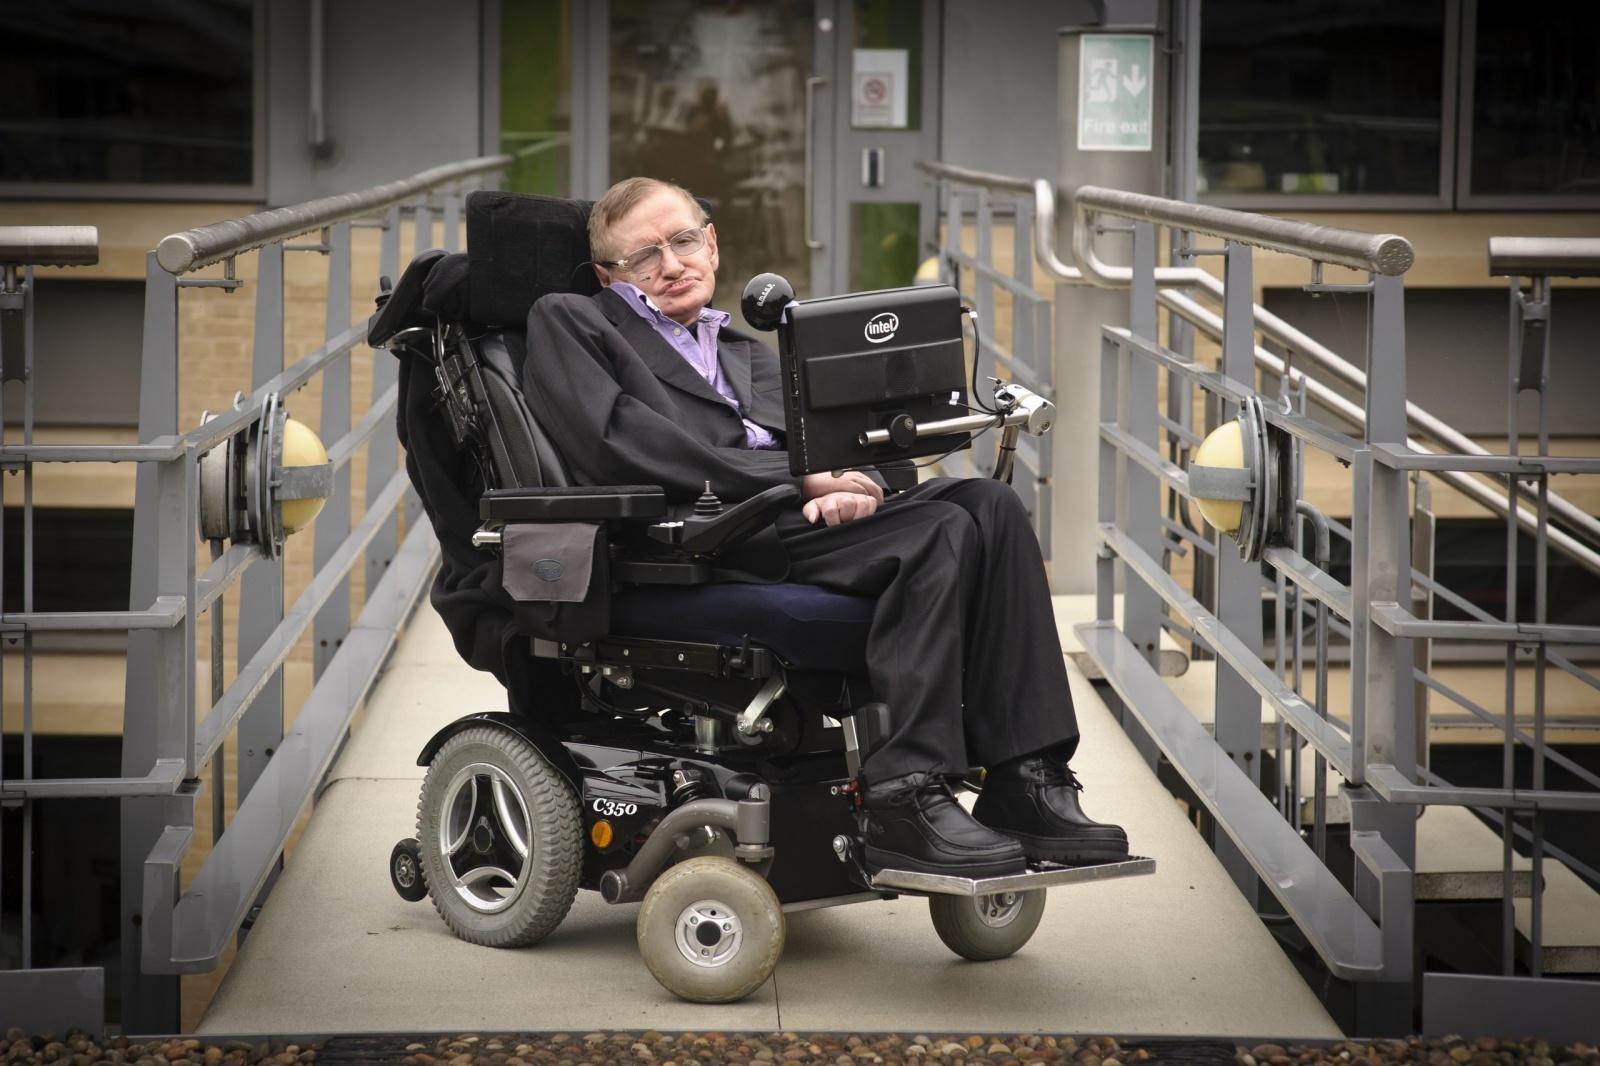 Последняя теория Стивена Хокинга позволит доказать существование параллельных вселенных - 1